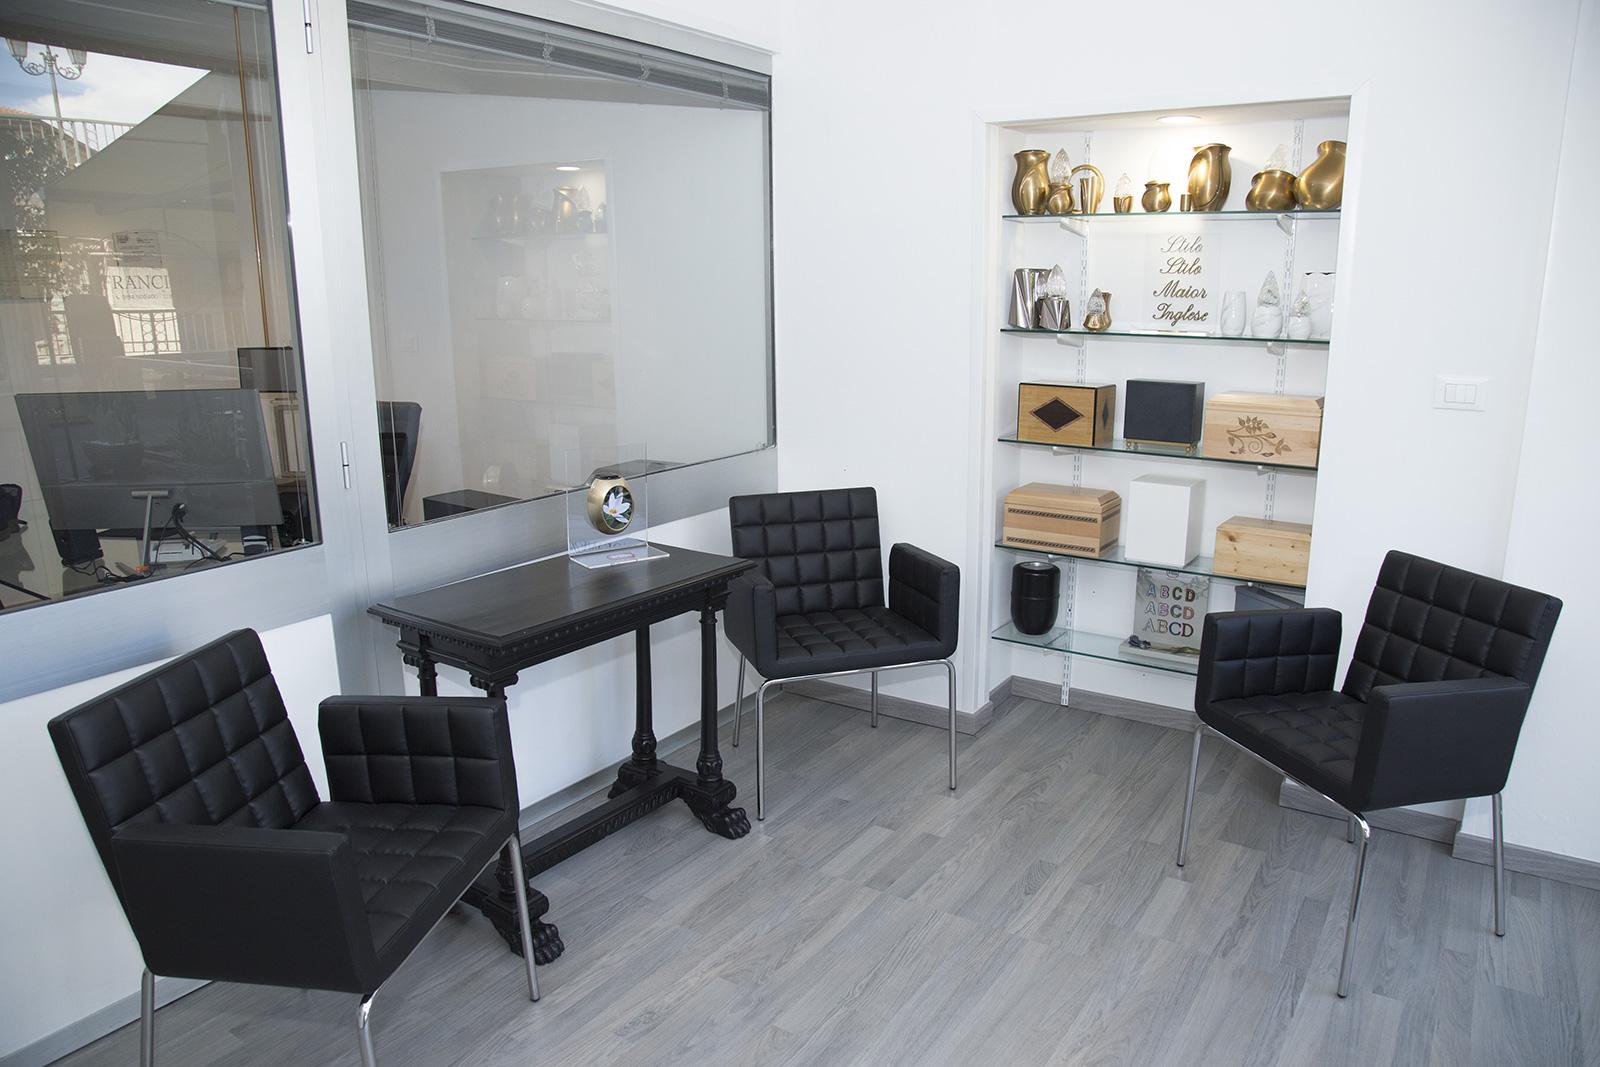 francioni_ufficio2